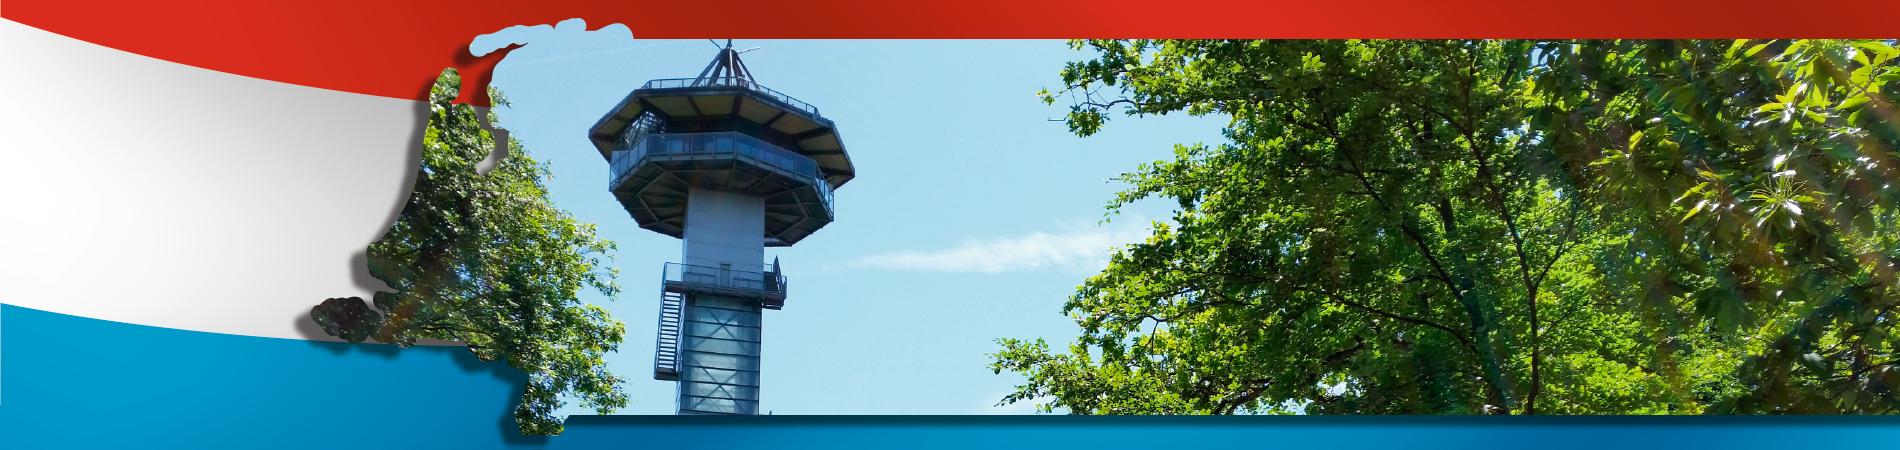 Drielandenpunt Wilhelminatoren